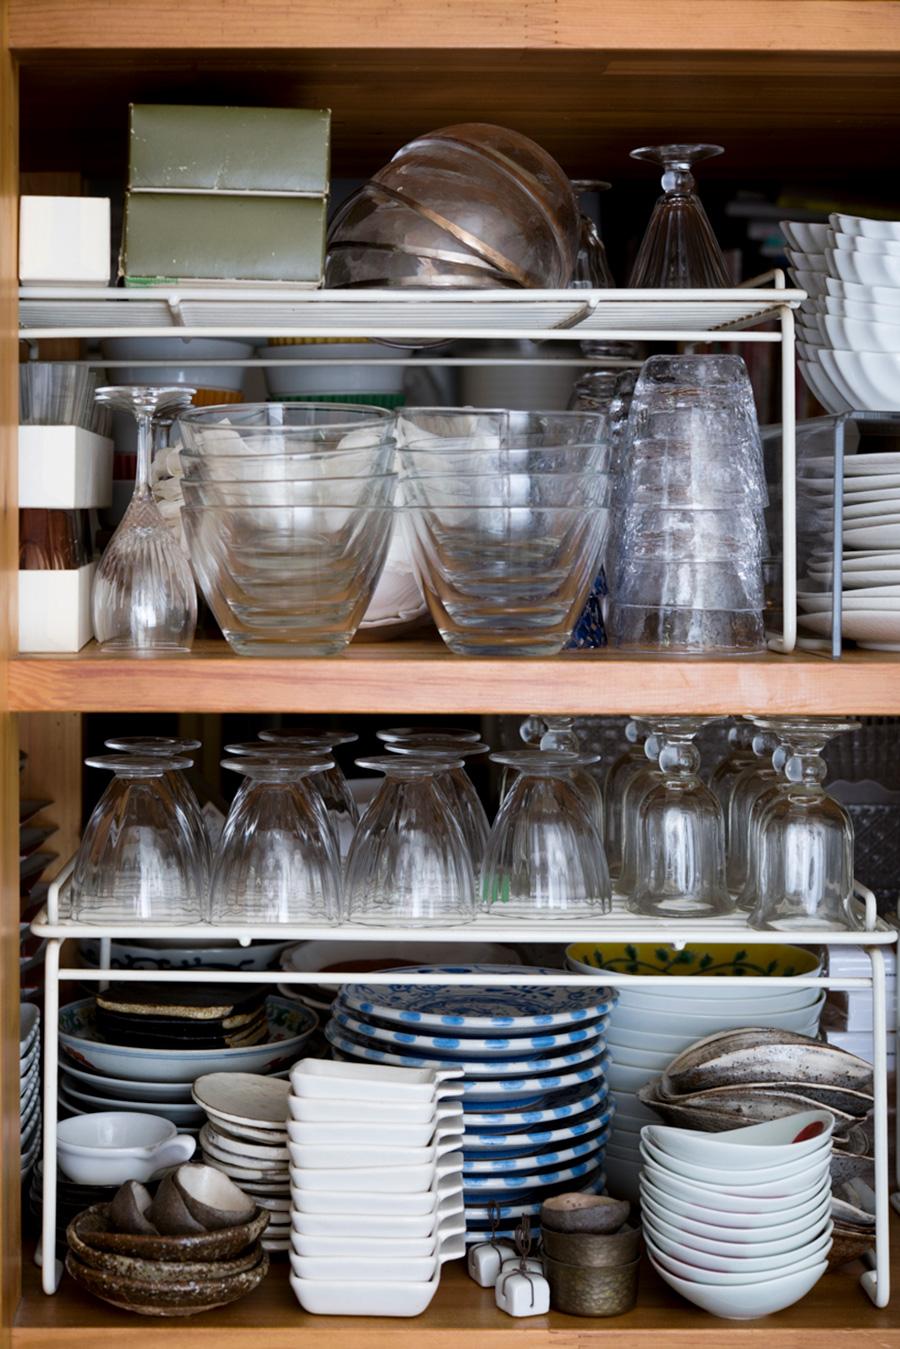 パーティー用の食器がずらりと並ぶ。